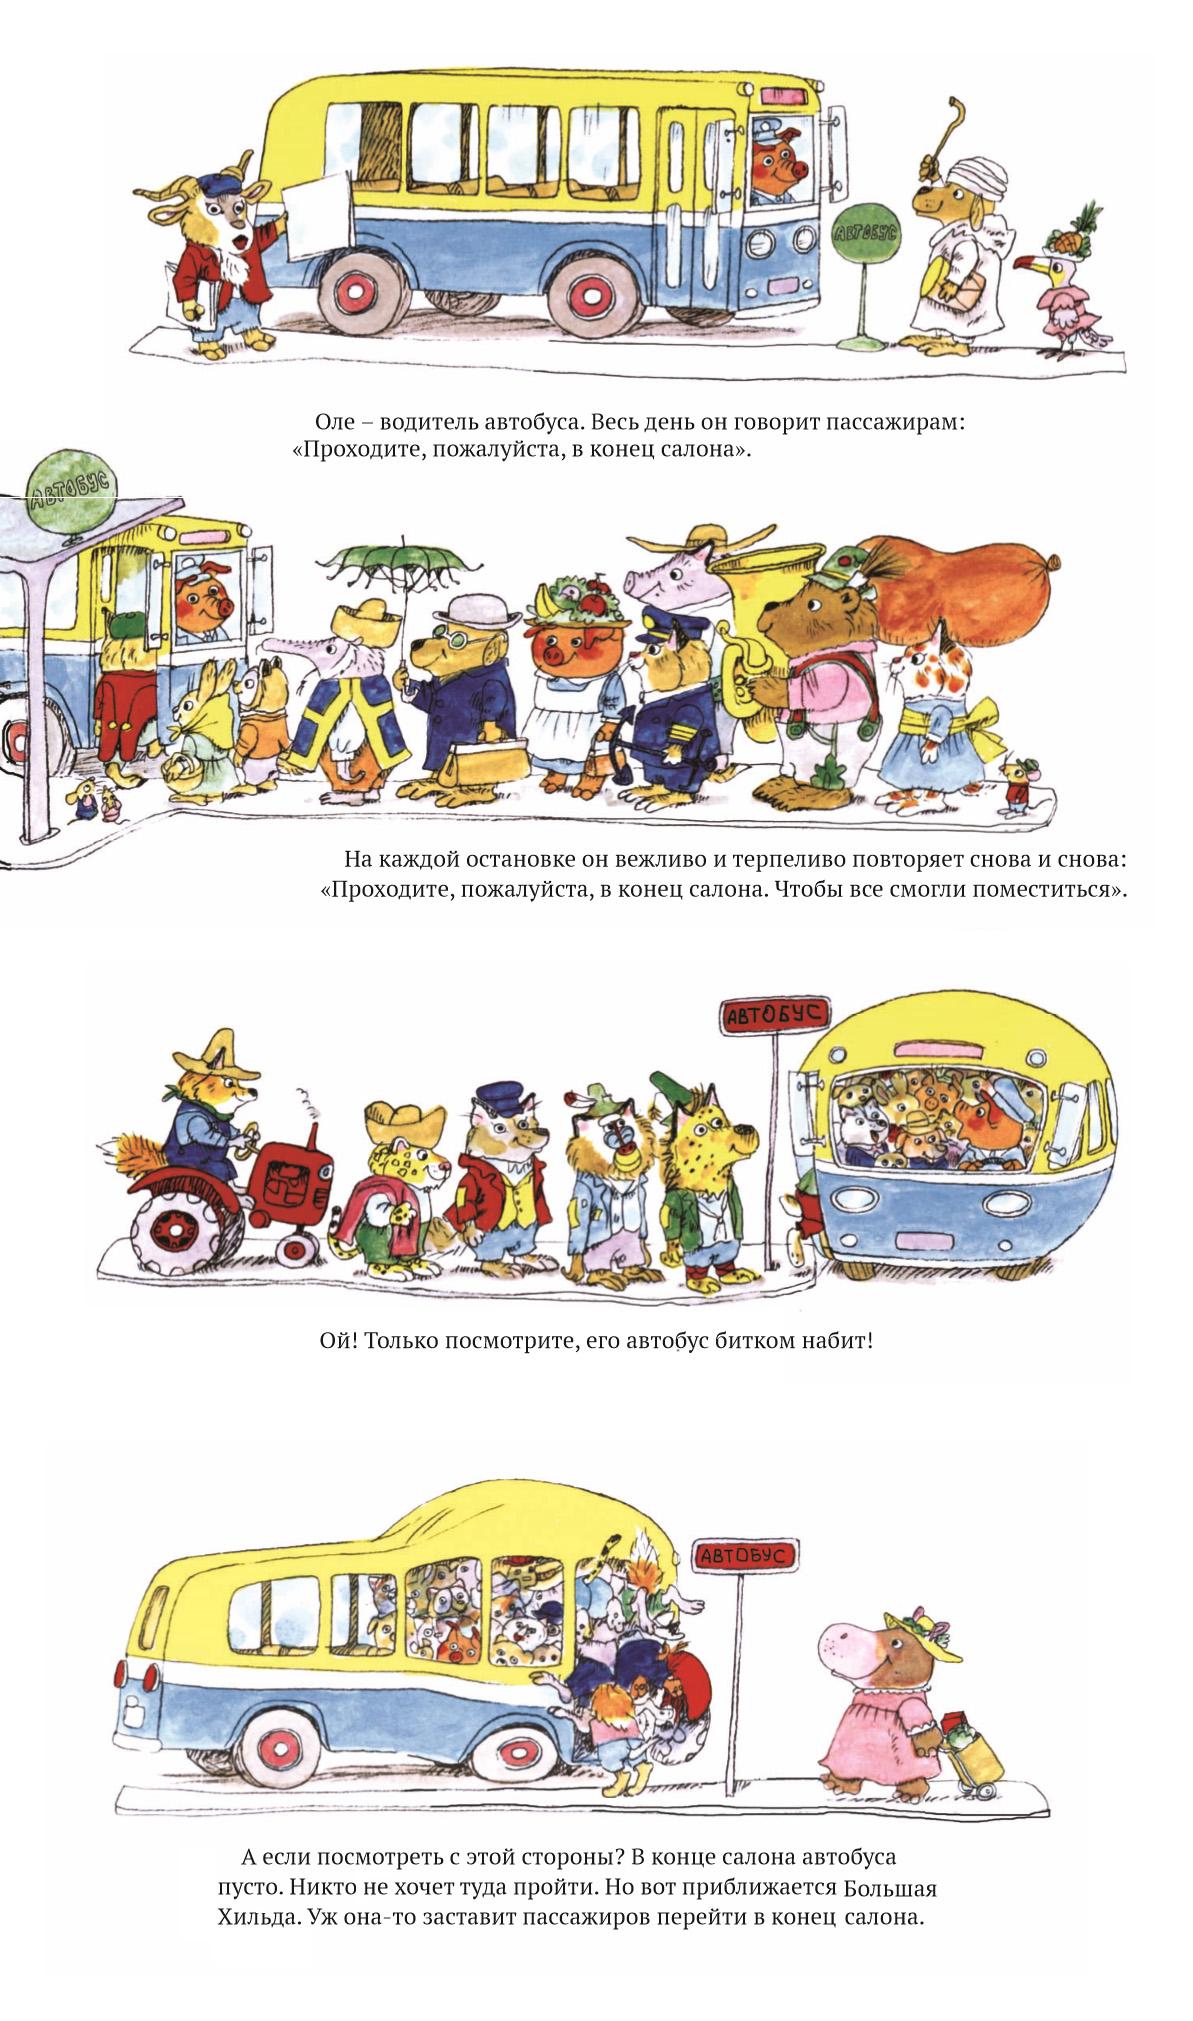 Иллюстрация из книги Ричарда Скарри Веселые истории